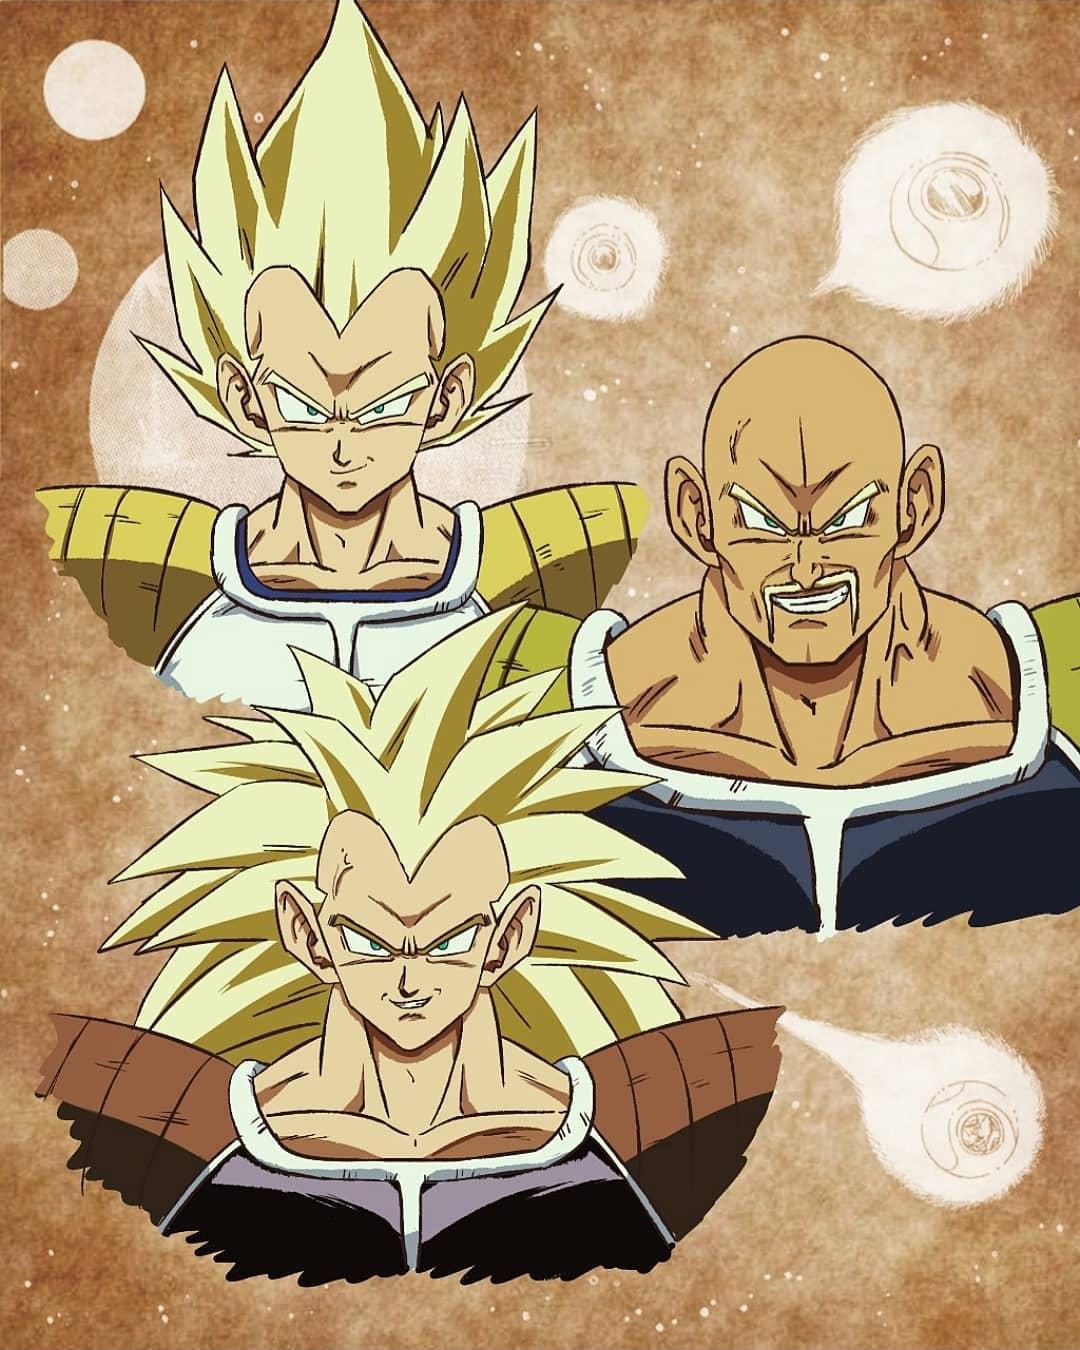 Nappa y Raditz, los primeros sayajin, en su versión de cabello dorado